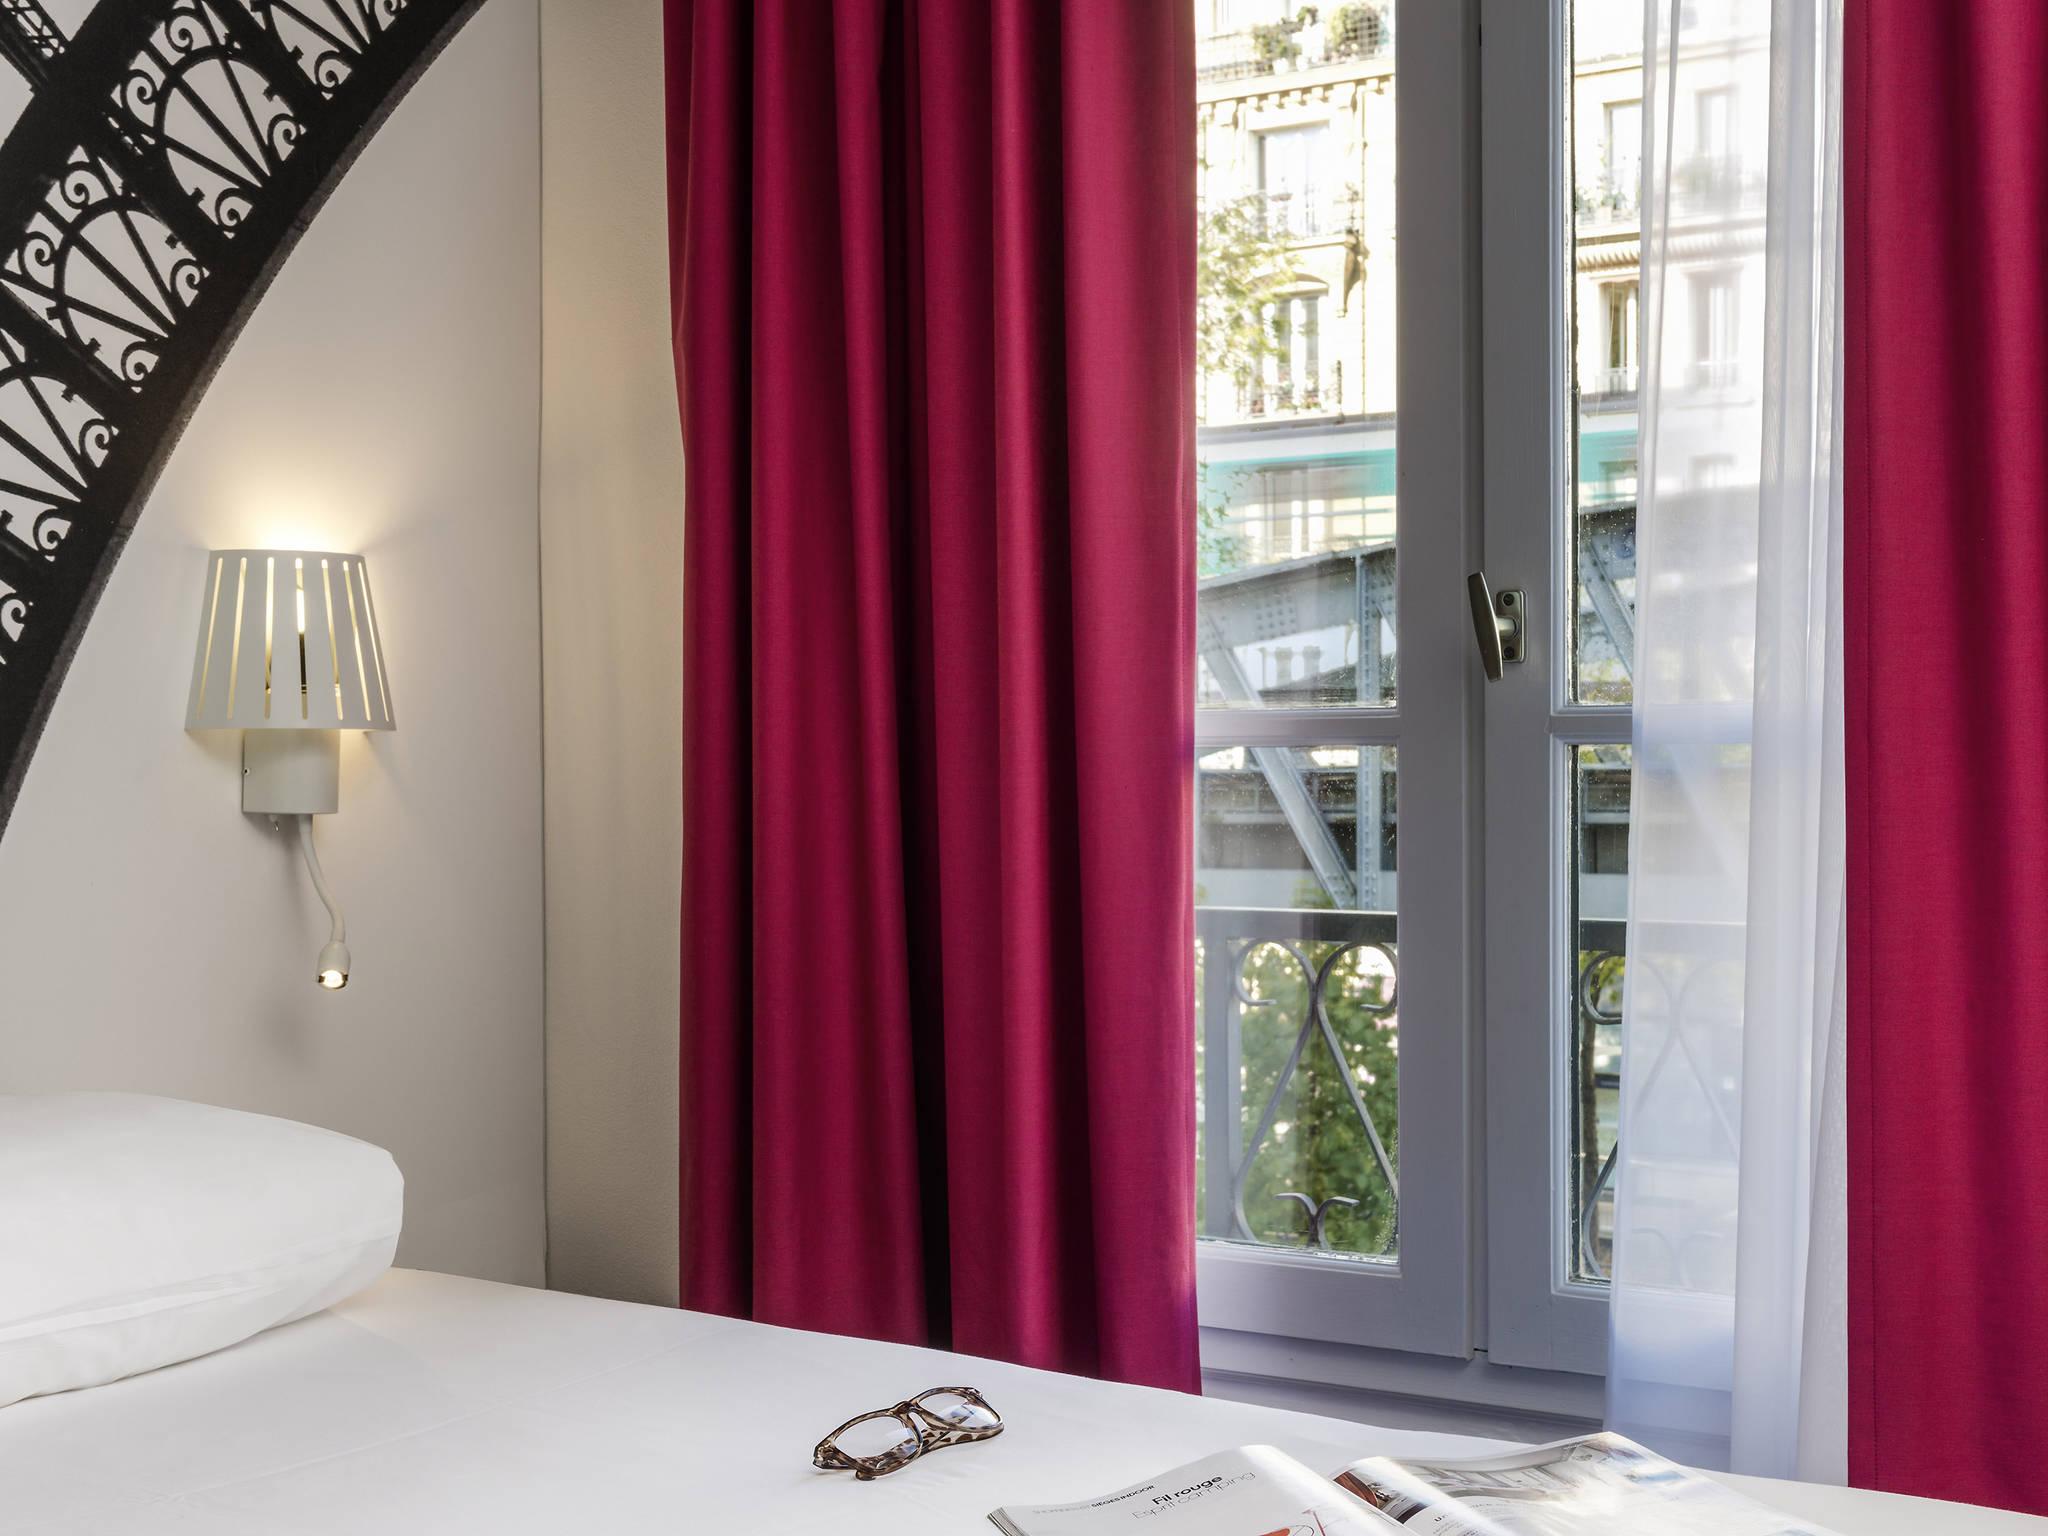 ホテル – イビス スタイルズ パリ エッフェル カンブロンヌ